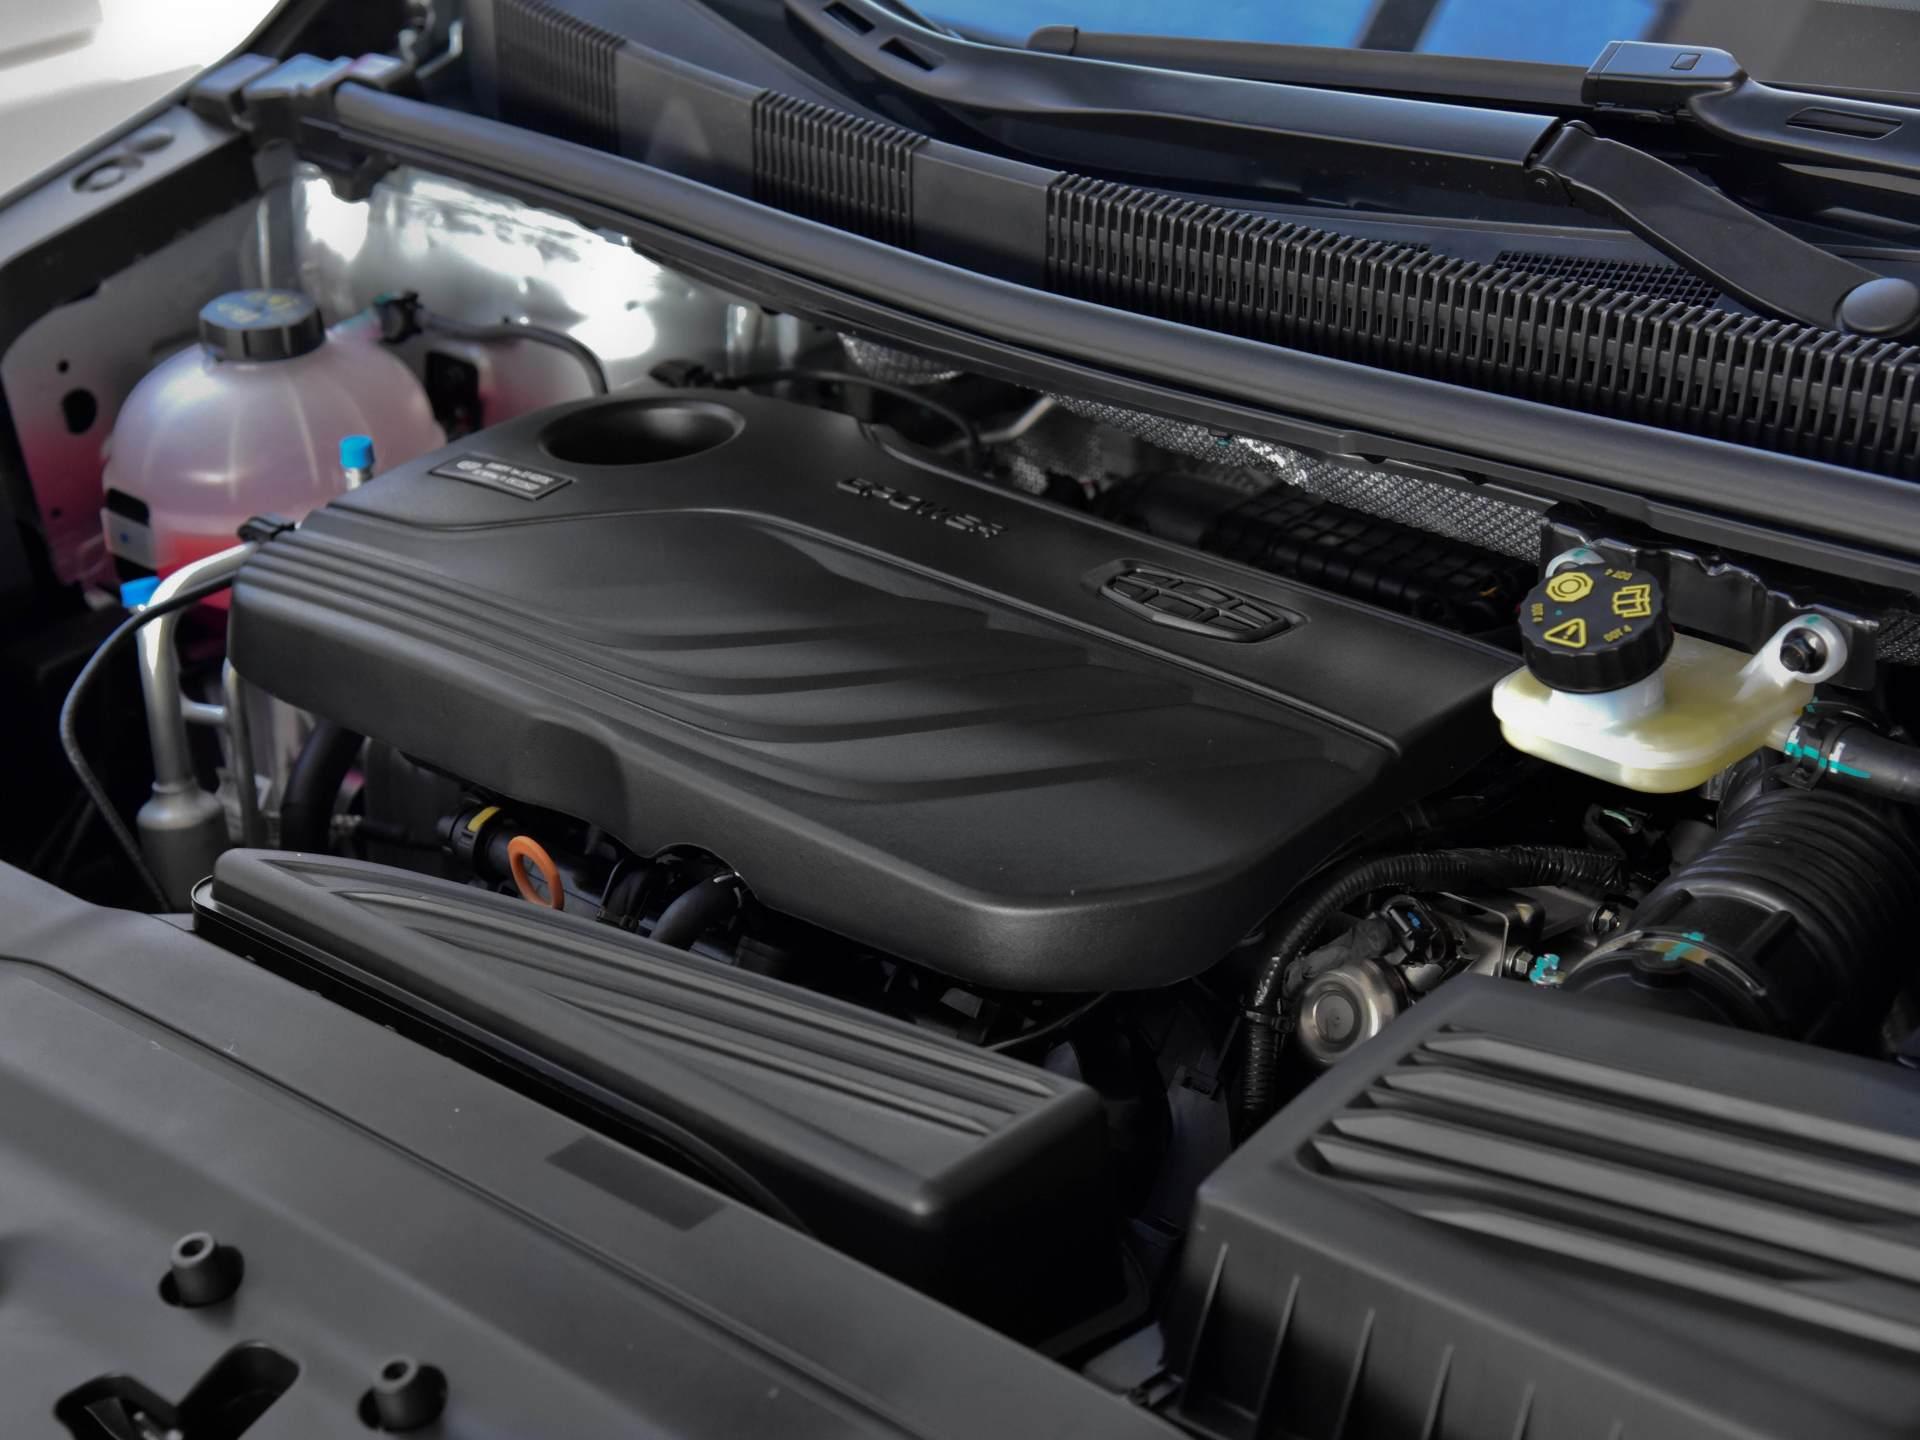 吉利造出成功MPV,頂配15萬配1.8T,軸距2805mm,四輪獨懸舒適佳-圖7